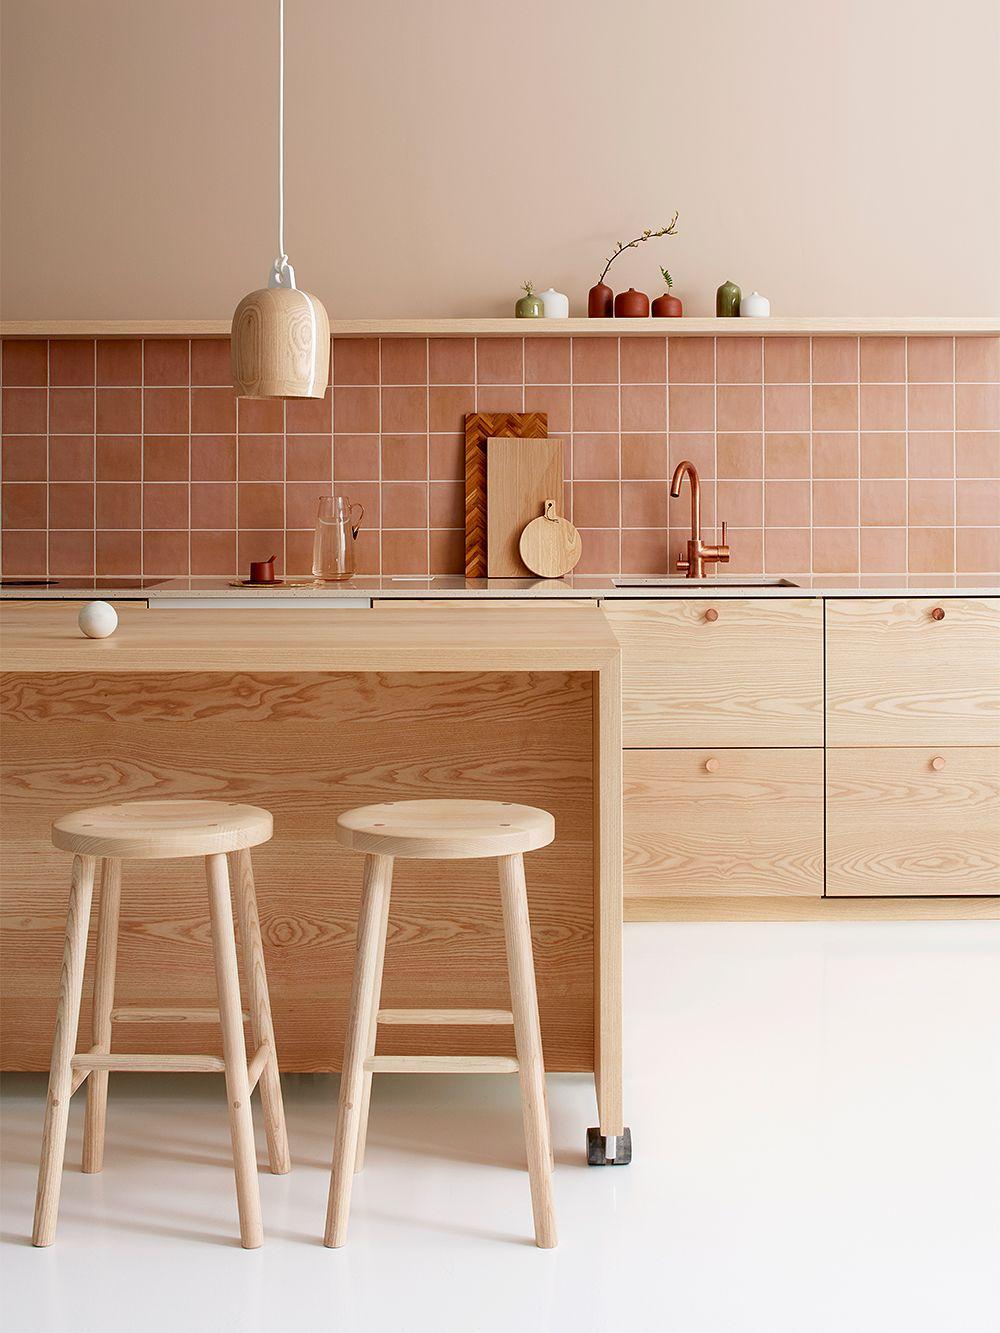 Nikari's Storia stool around a kitchen island.